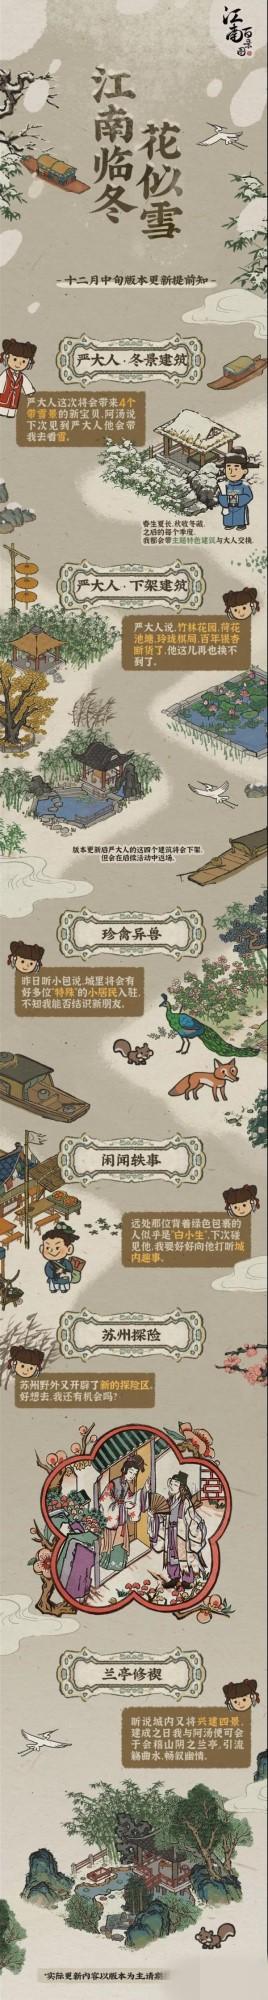 江南百景图12月更新版本预告内容一览